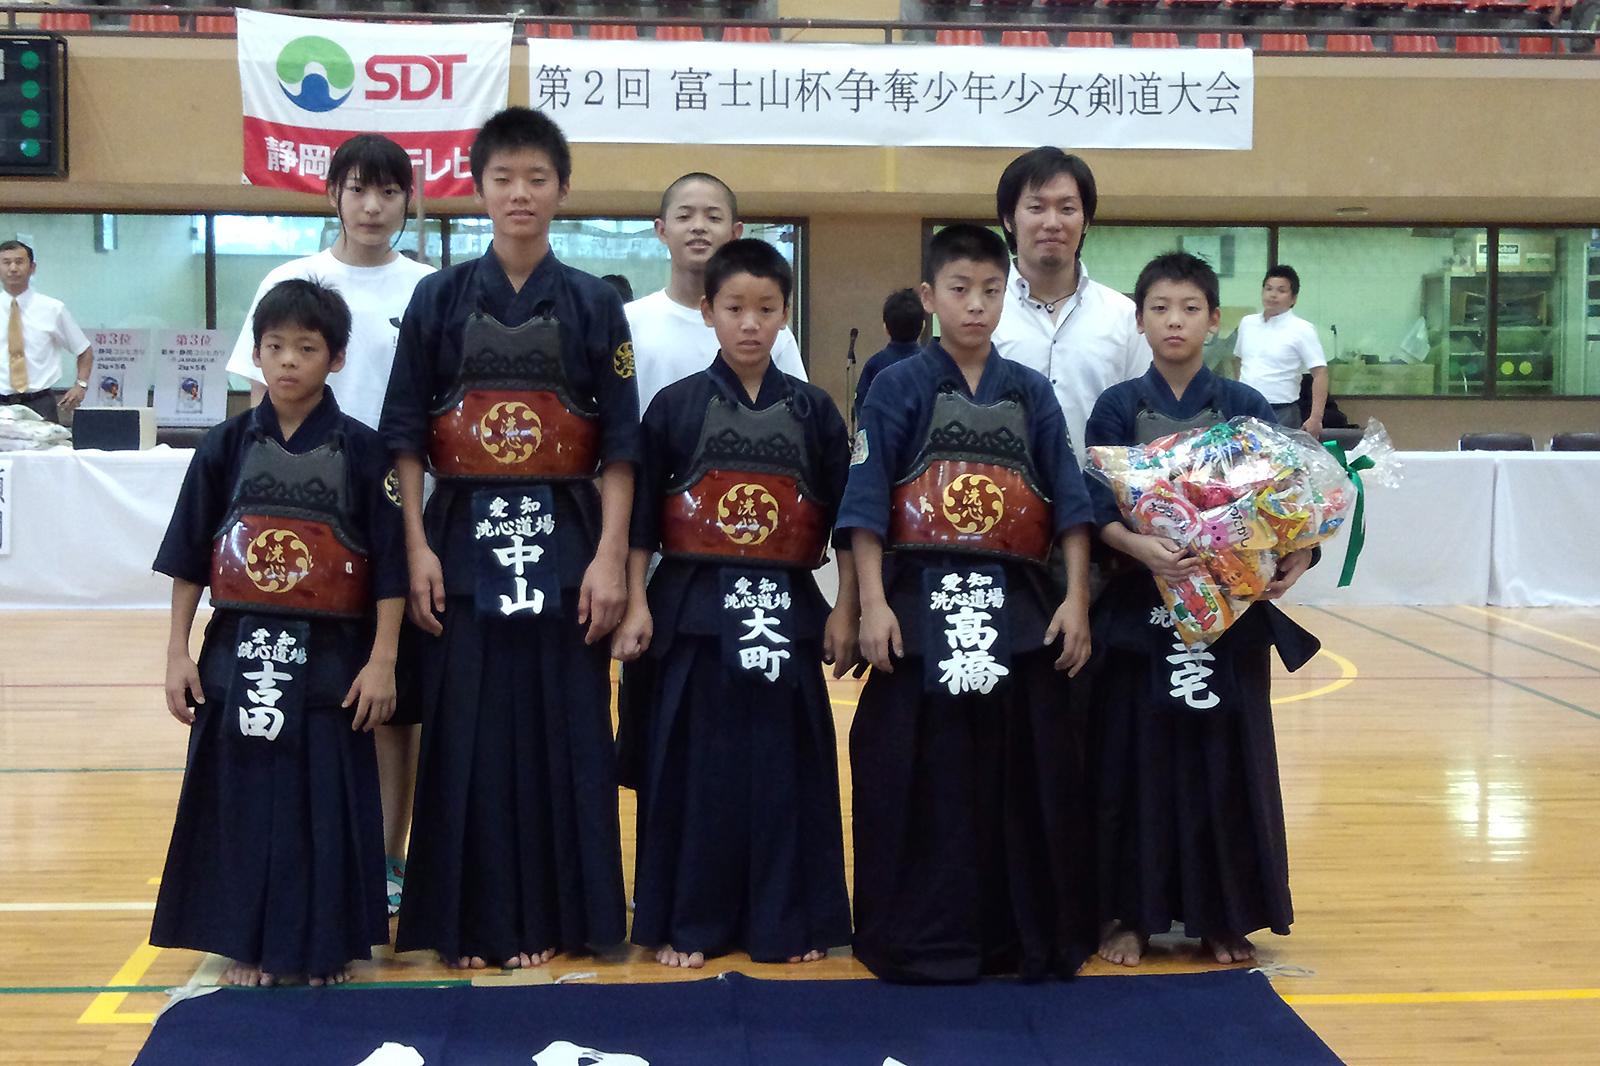 第2回富士山杯争奪少年少女剣道大会